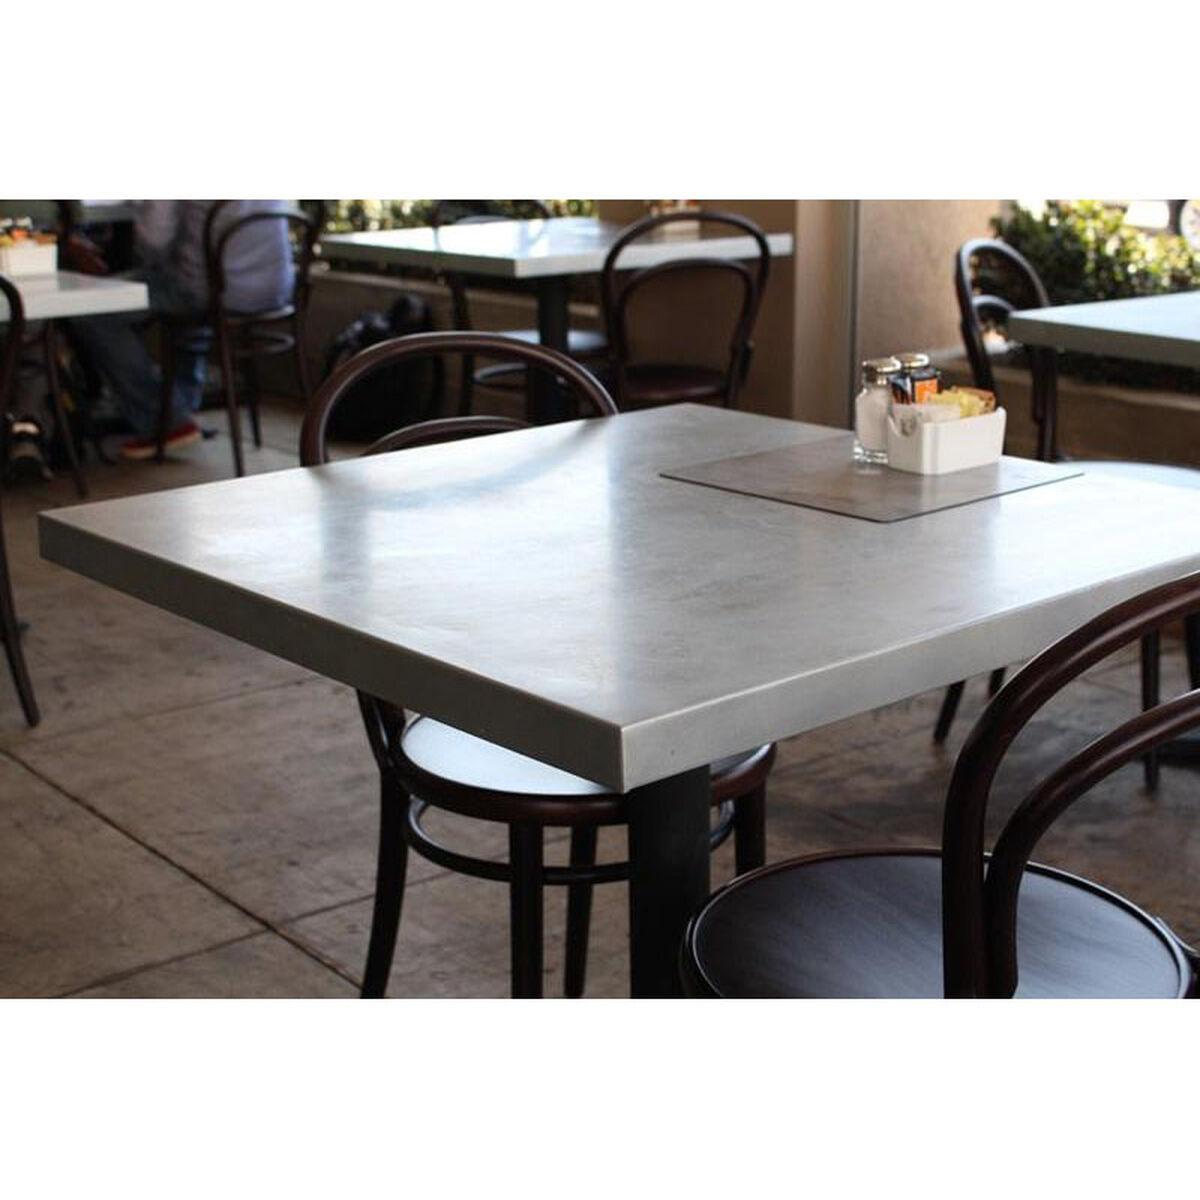 Rectangular zinc table jc restaurantfurniture less